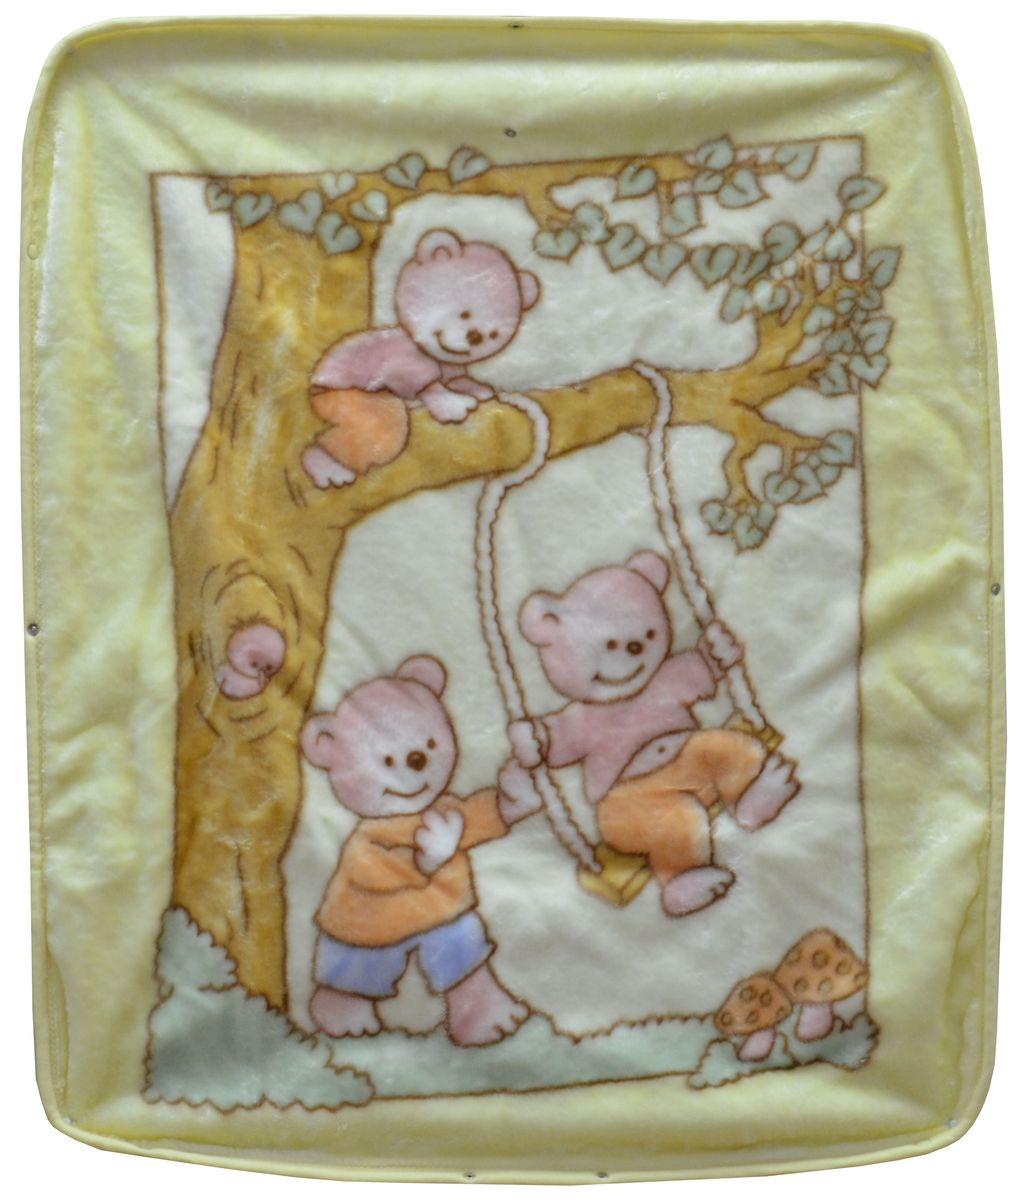 Плед-накидка для младенцев на молнии Bonne Fee - защита, тепло и комфорт для малышей - использован надёжный, качественный и мягкий материал! Удобство и спокойствие для родителей обеспечивается универсальностью пледа-накидки, конструкция которого позволяет ему легко превращаться в конвертик. Отличное качество и практичность! Любите своего ребёнка и дарите ему лучшее!